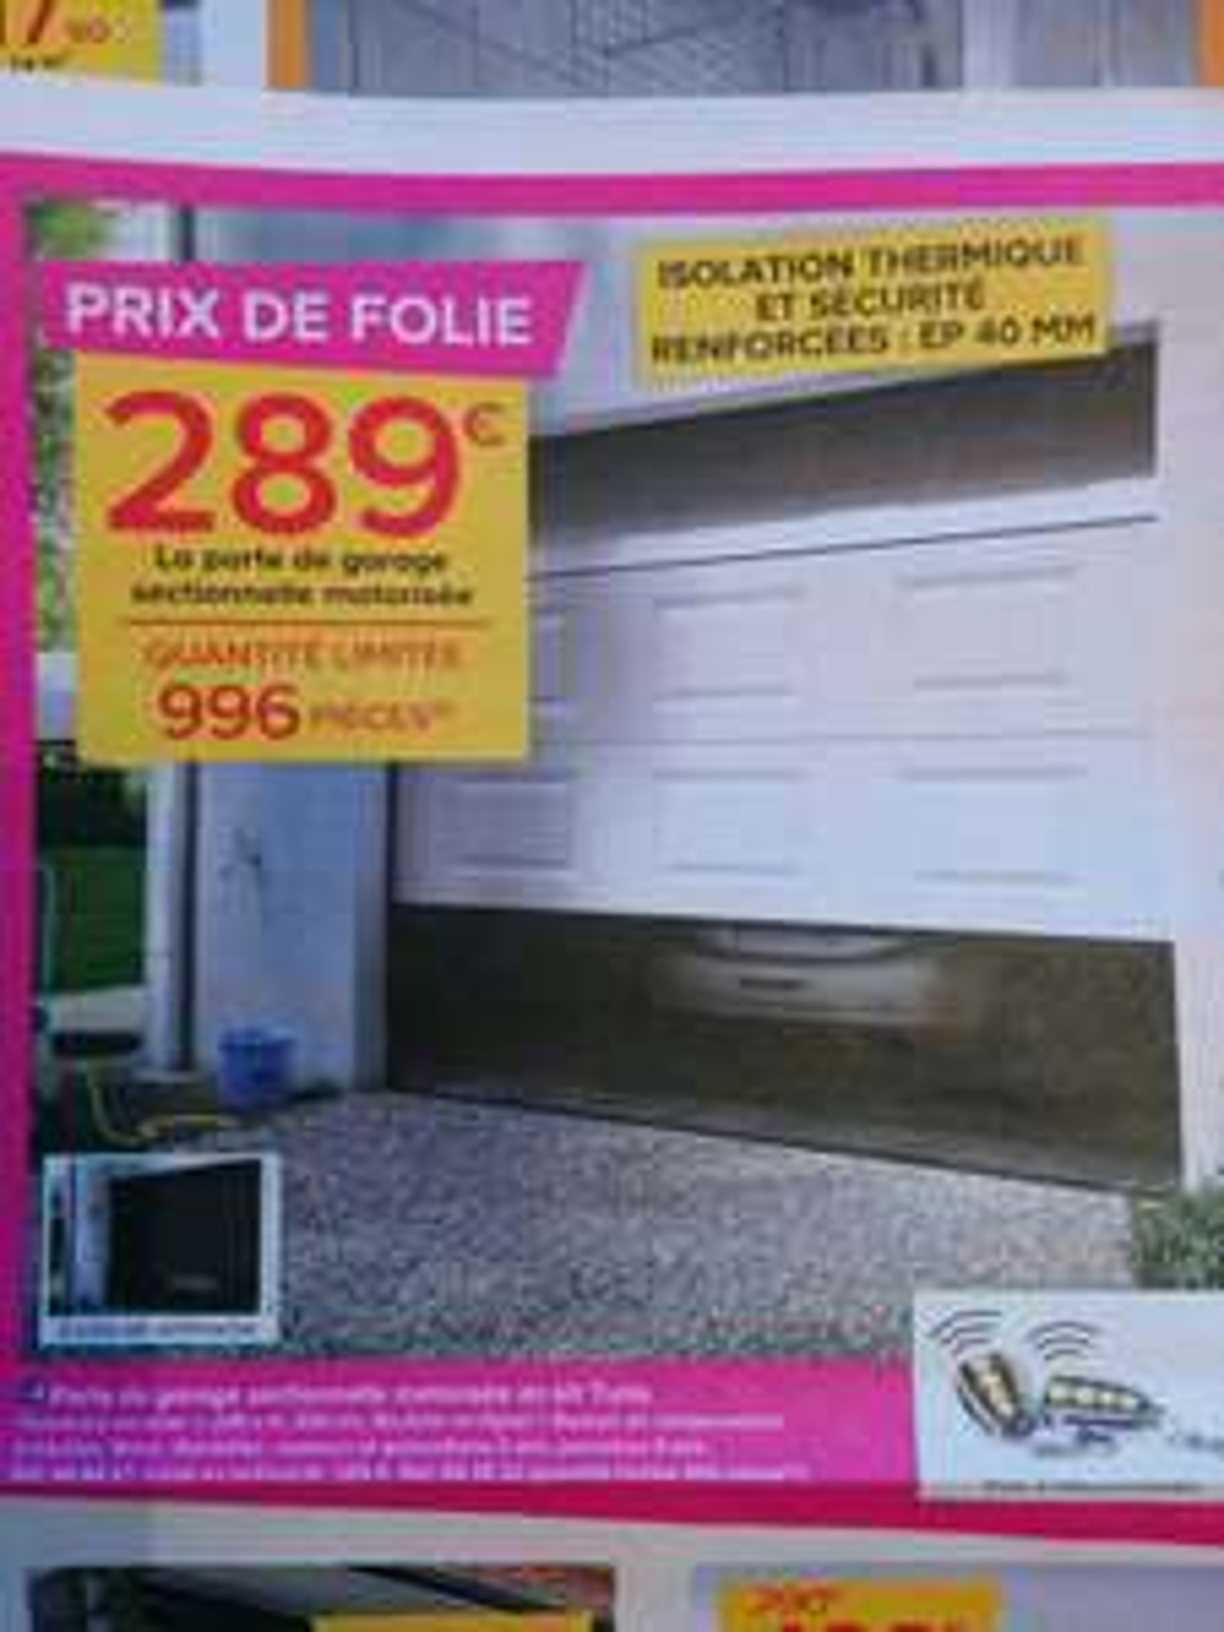 Porte de garage sectionnelle motorisée Turia (en kit, 240x200 cm, avec 2 télécommandes)